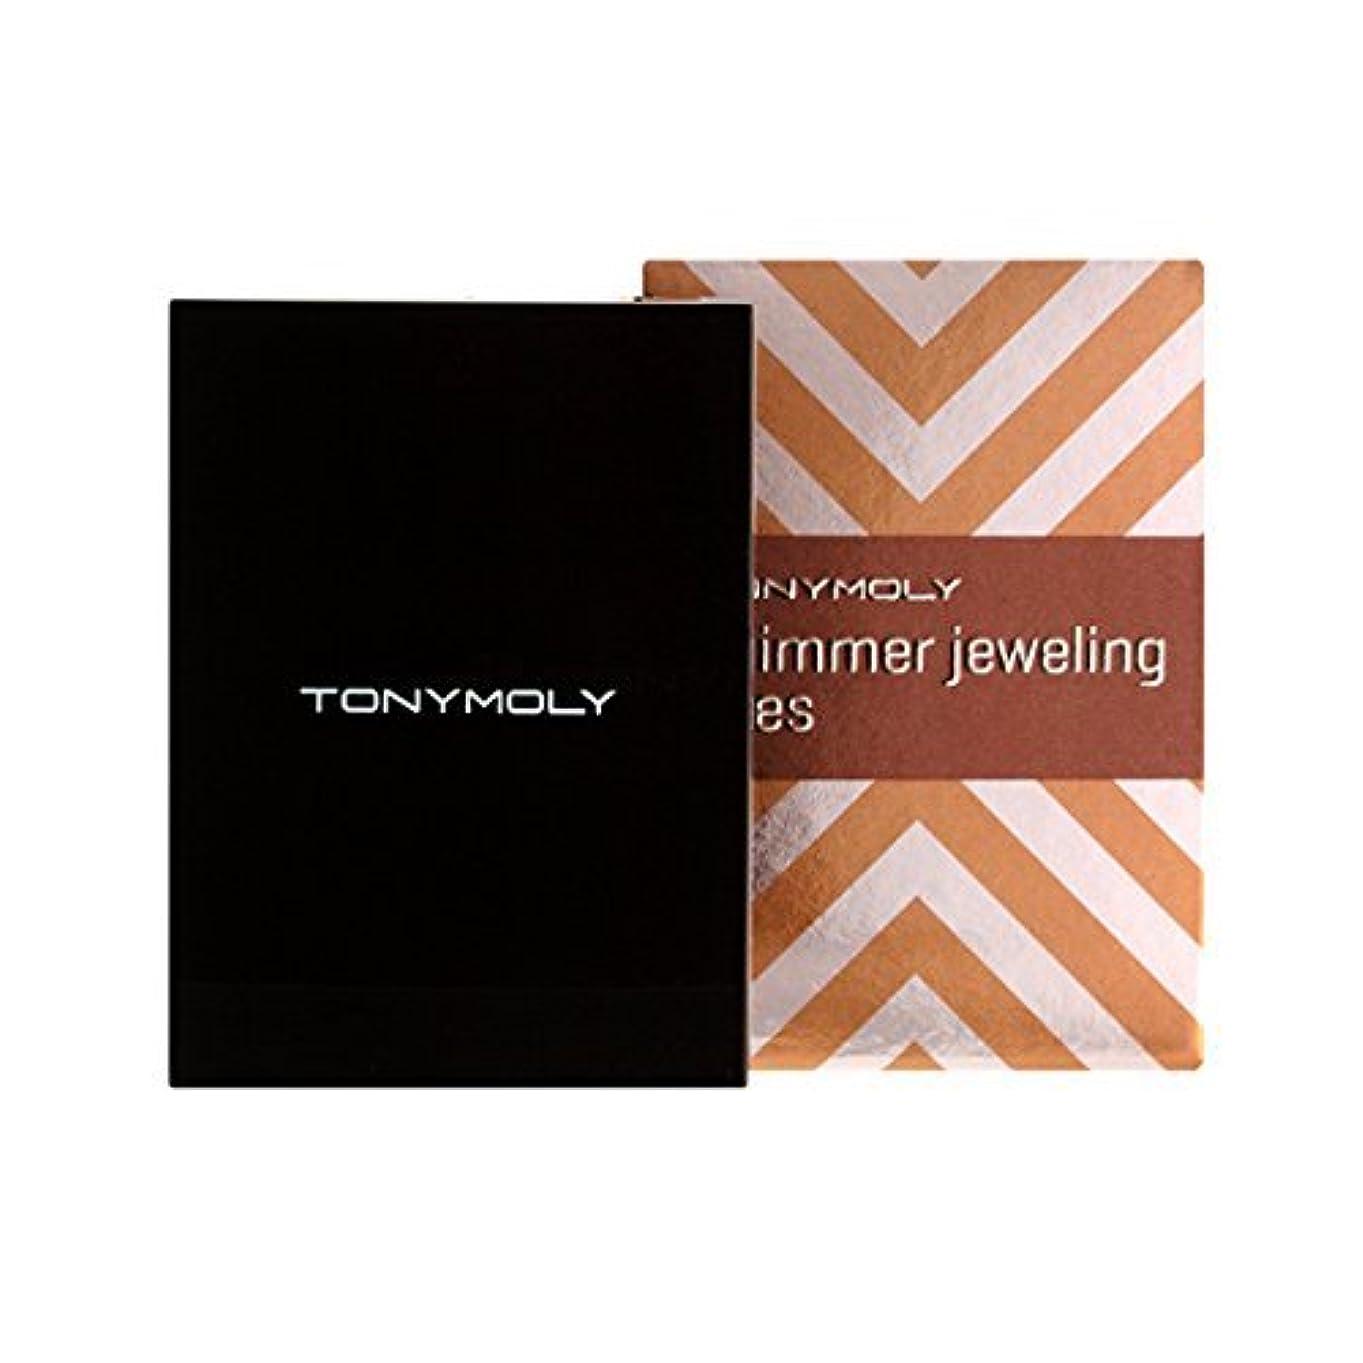 スケッチ競うキャプション[Tonymoly] トニーモリ Shimmer Jeweling Eyes 2.7g #01 Gold Jeweling by TONYMOLY